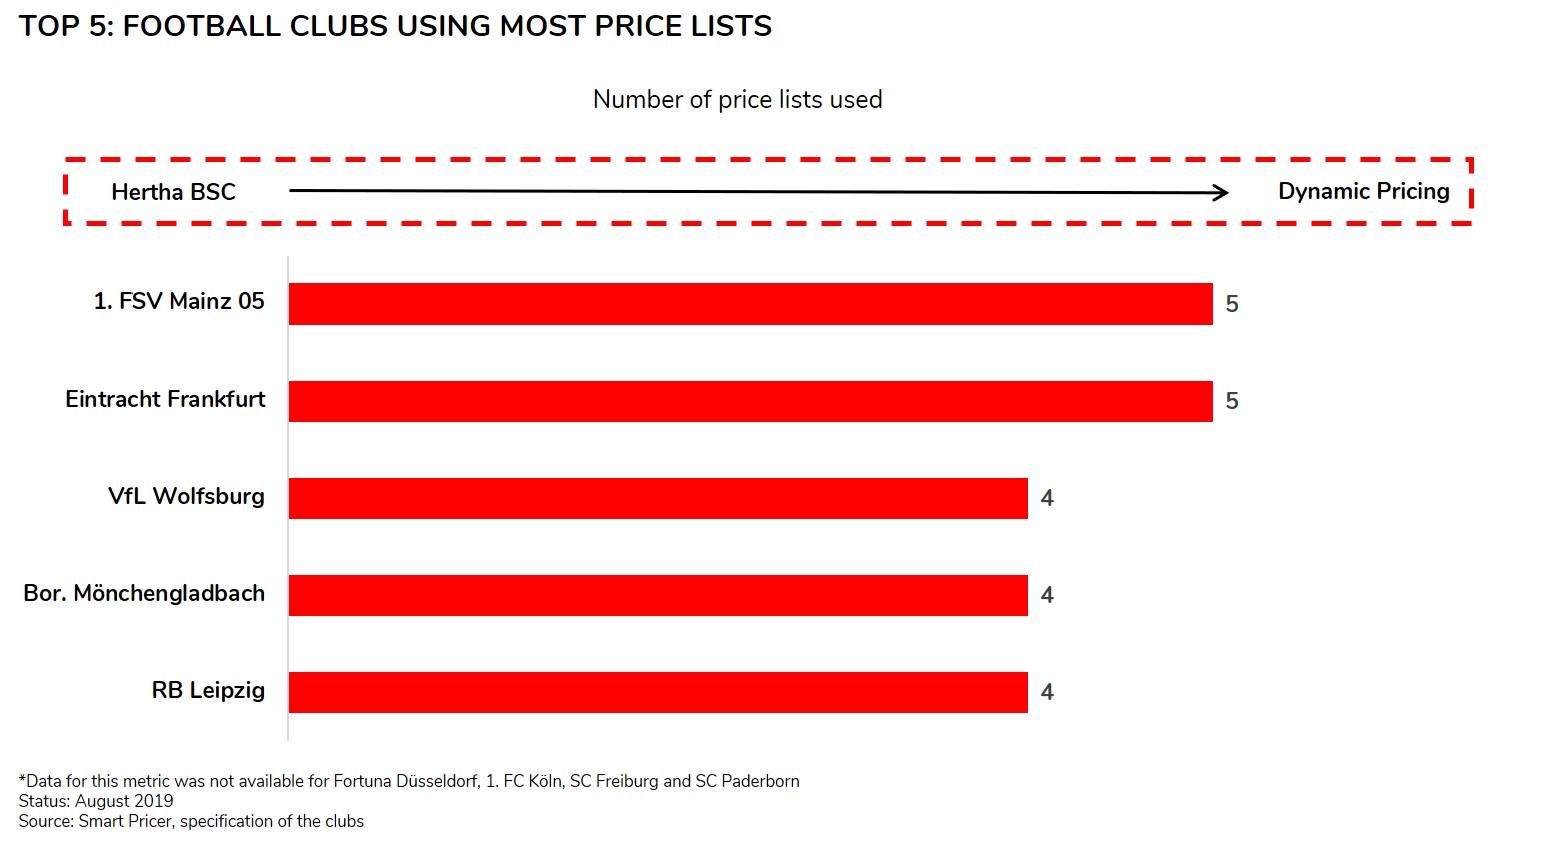 Bundesliga price lists ranking